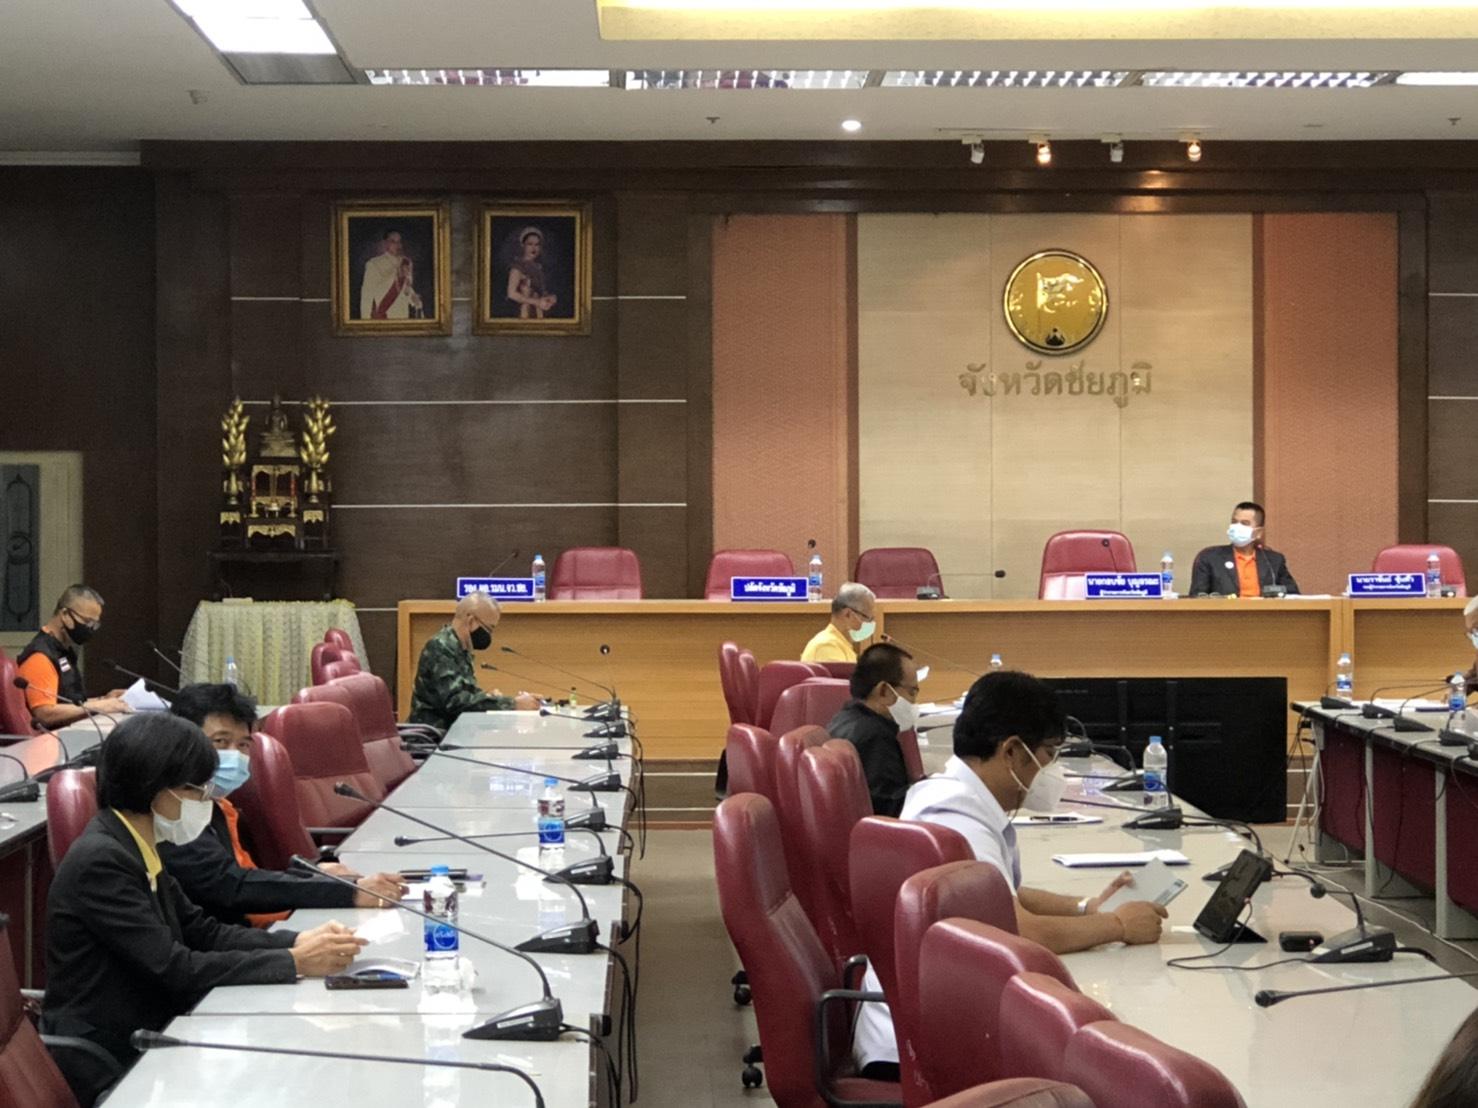 การประชุมคณะกรรมการโรคติดต่อจังหวัดชัยภูมิ ครั้งที่ 27/2564 ณ ห้องประชุมพญาแล ชั้น 5 ศาลากลางจังหวัดชัยภูมิ